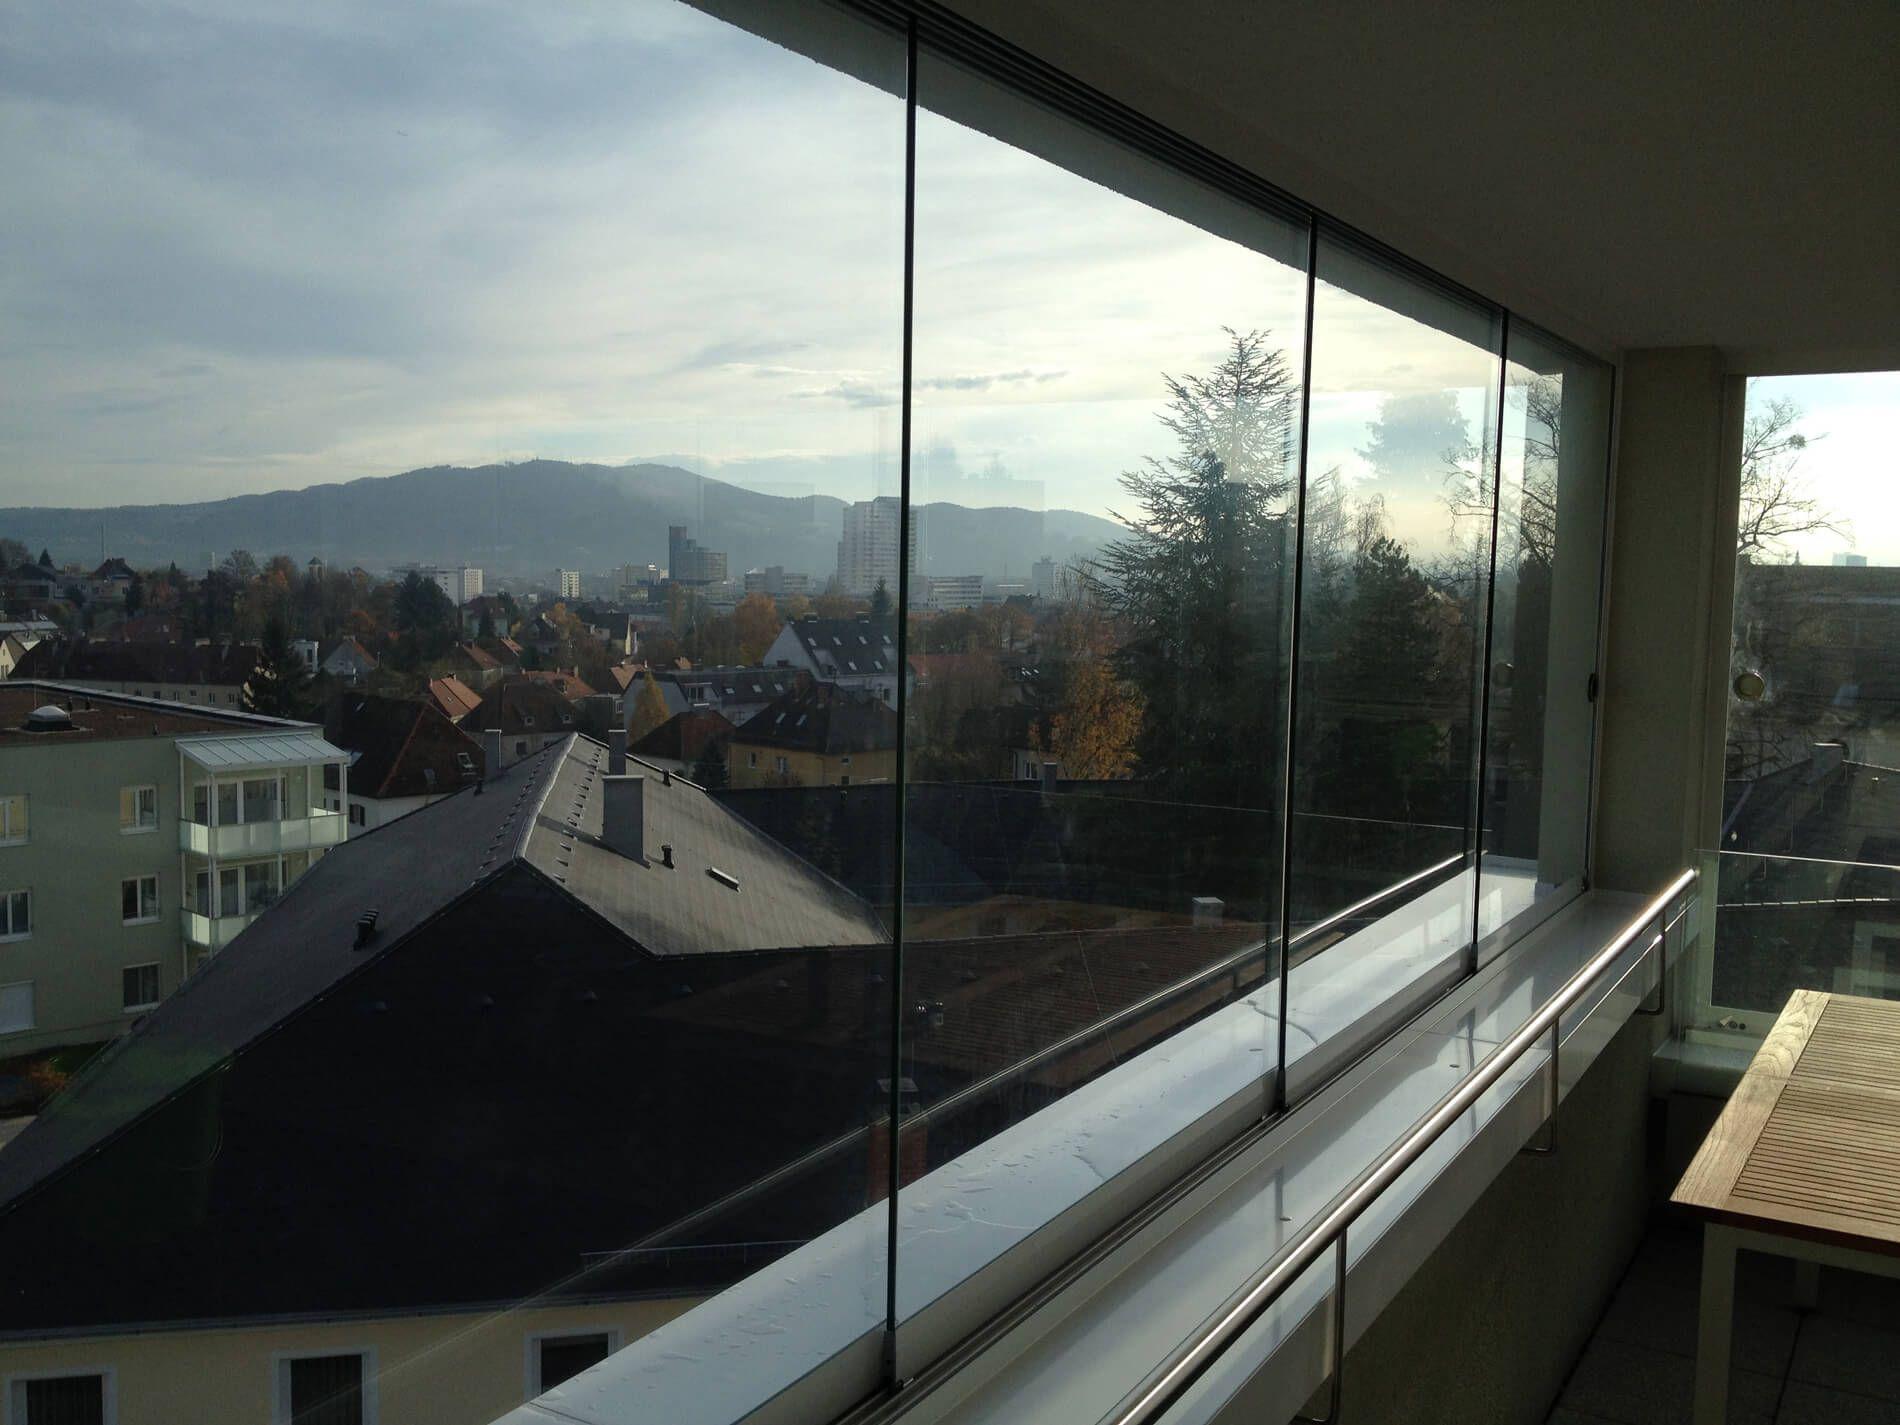 rahmenlose schiebefenster f r balkon ungetr bte blicke ins freie verglasungen balkon. Black Bedroom Furniture Sets. Home Design Ideas